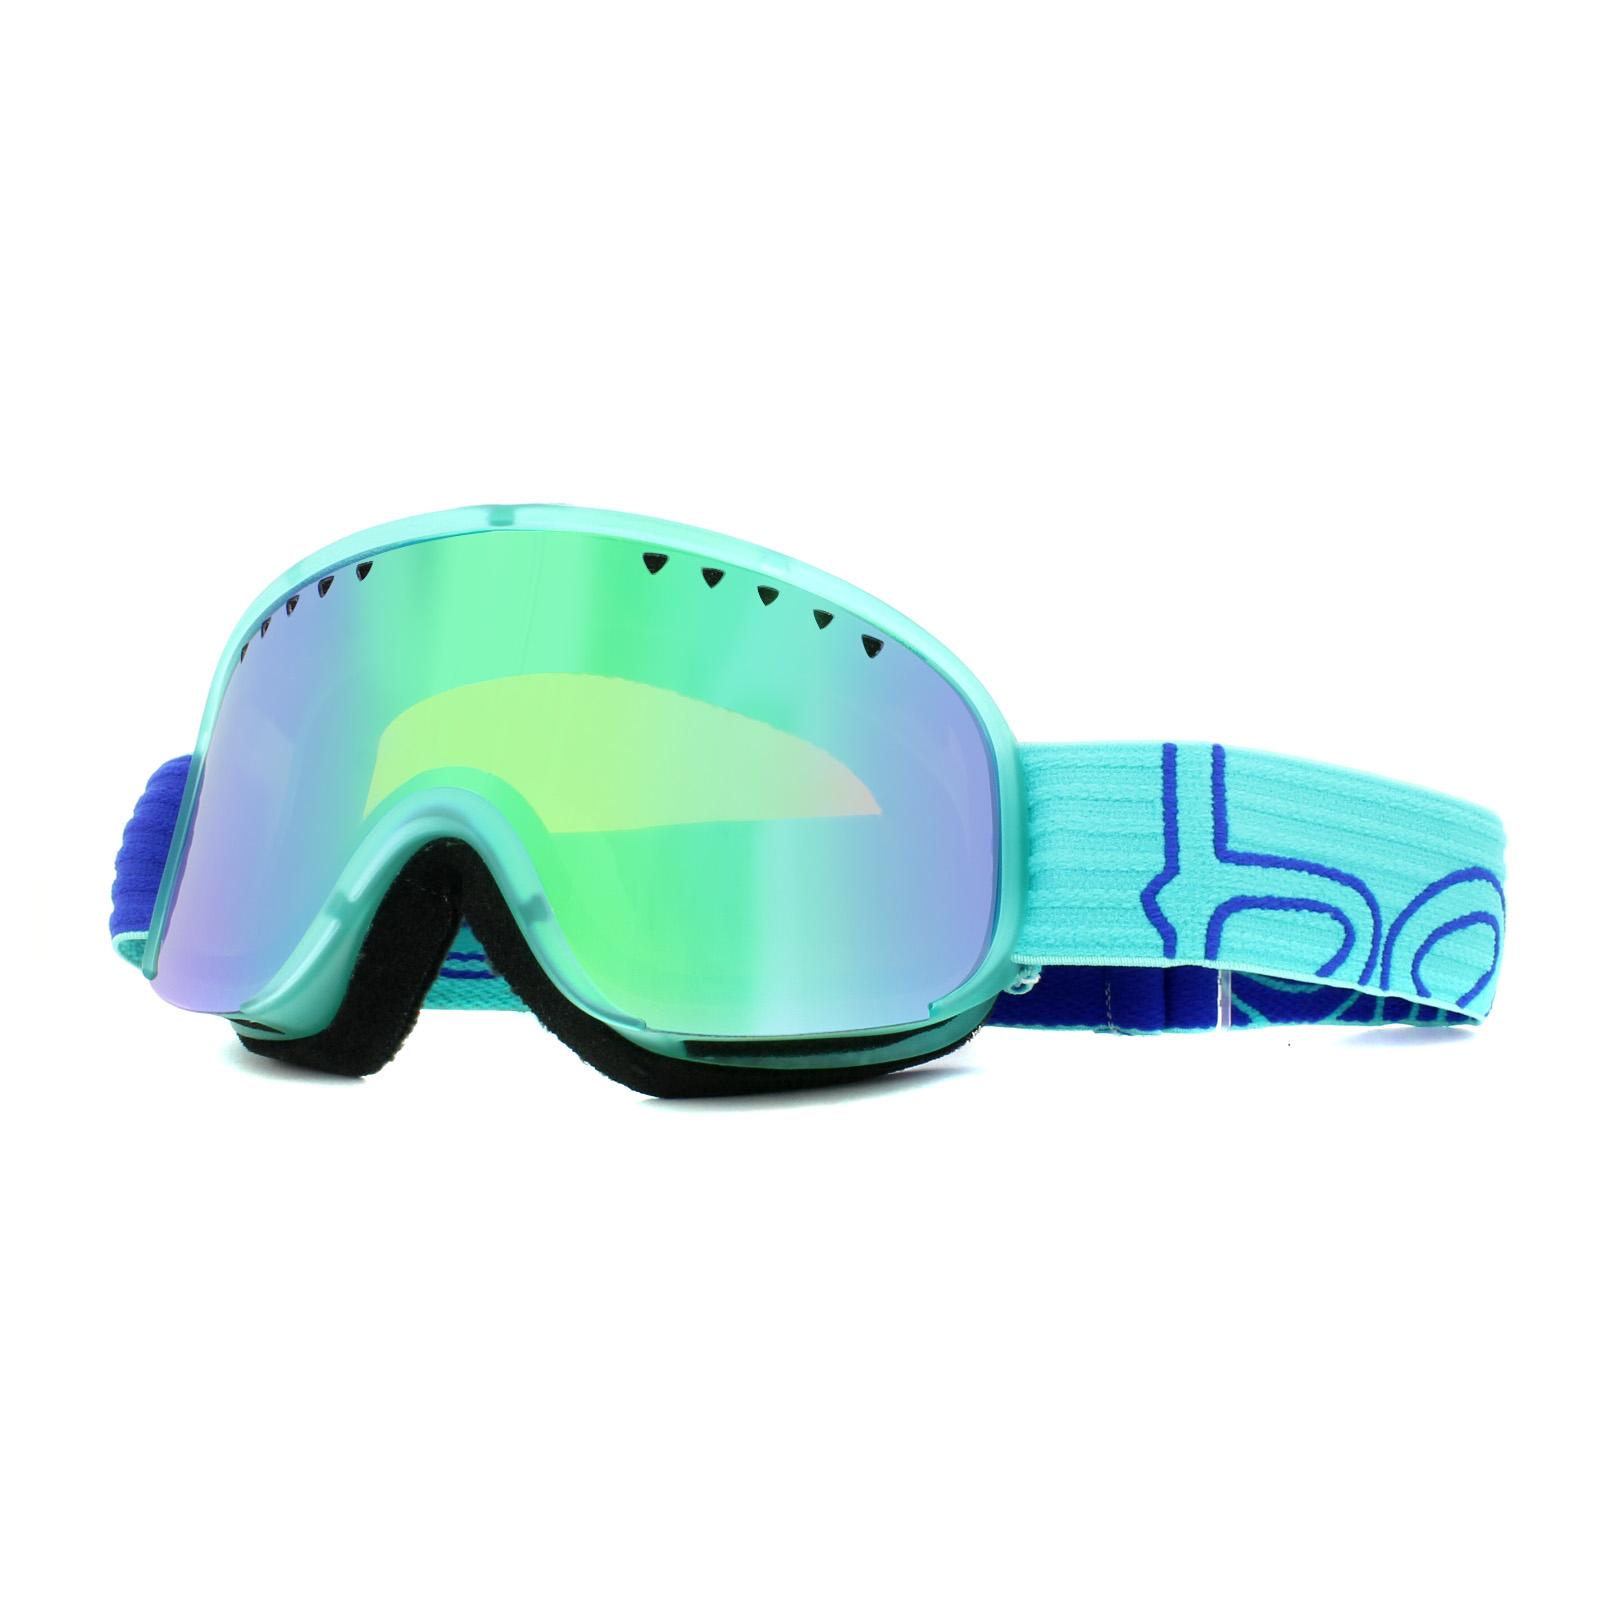 3947736e9c2f Cheap Bolle Scarlett Ski Goggles - Discounted Sunglasses